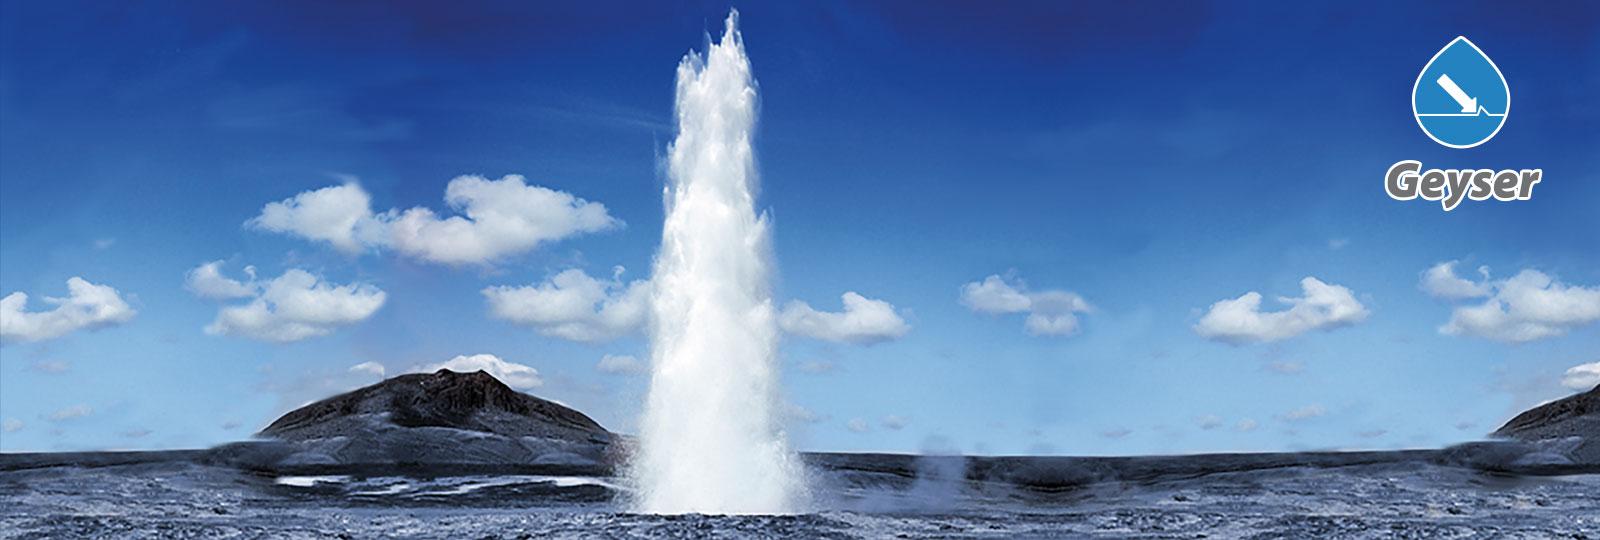 Die Reinigungsanlage Geyser der BvL Oberflächentechnik bewegt, genau wie ein Geysir, Wassermassen mit hohem Druck.